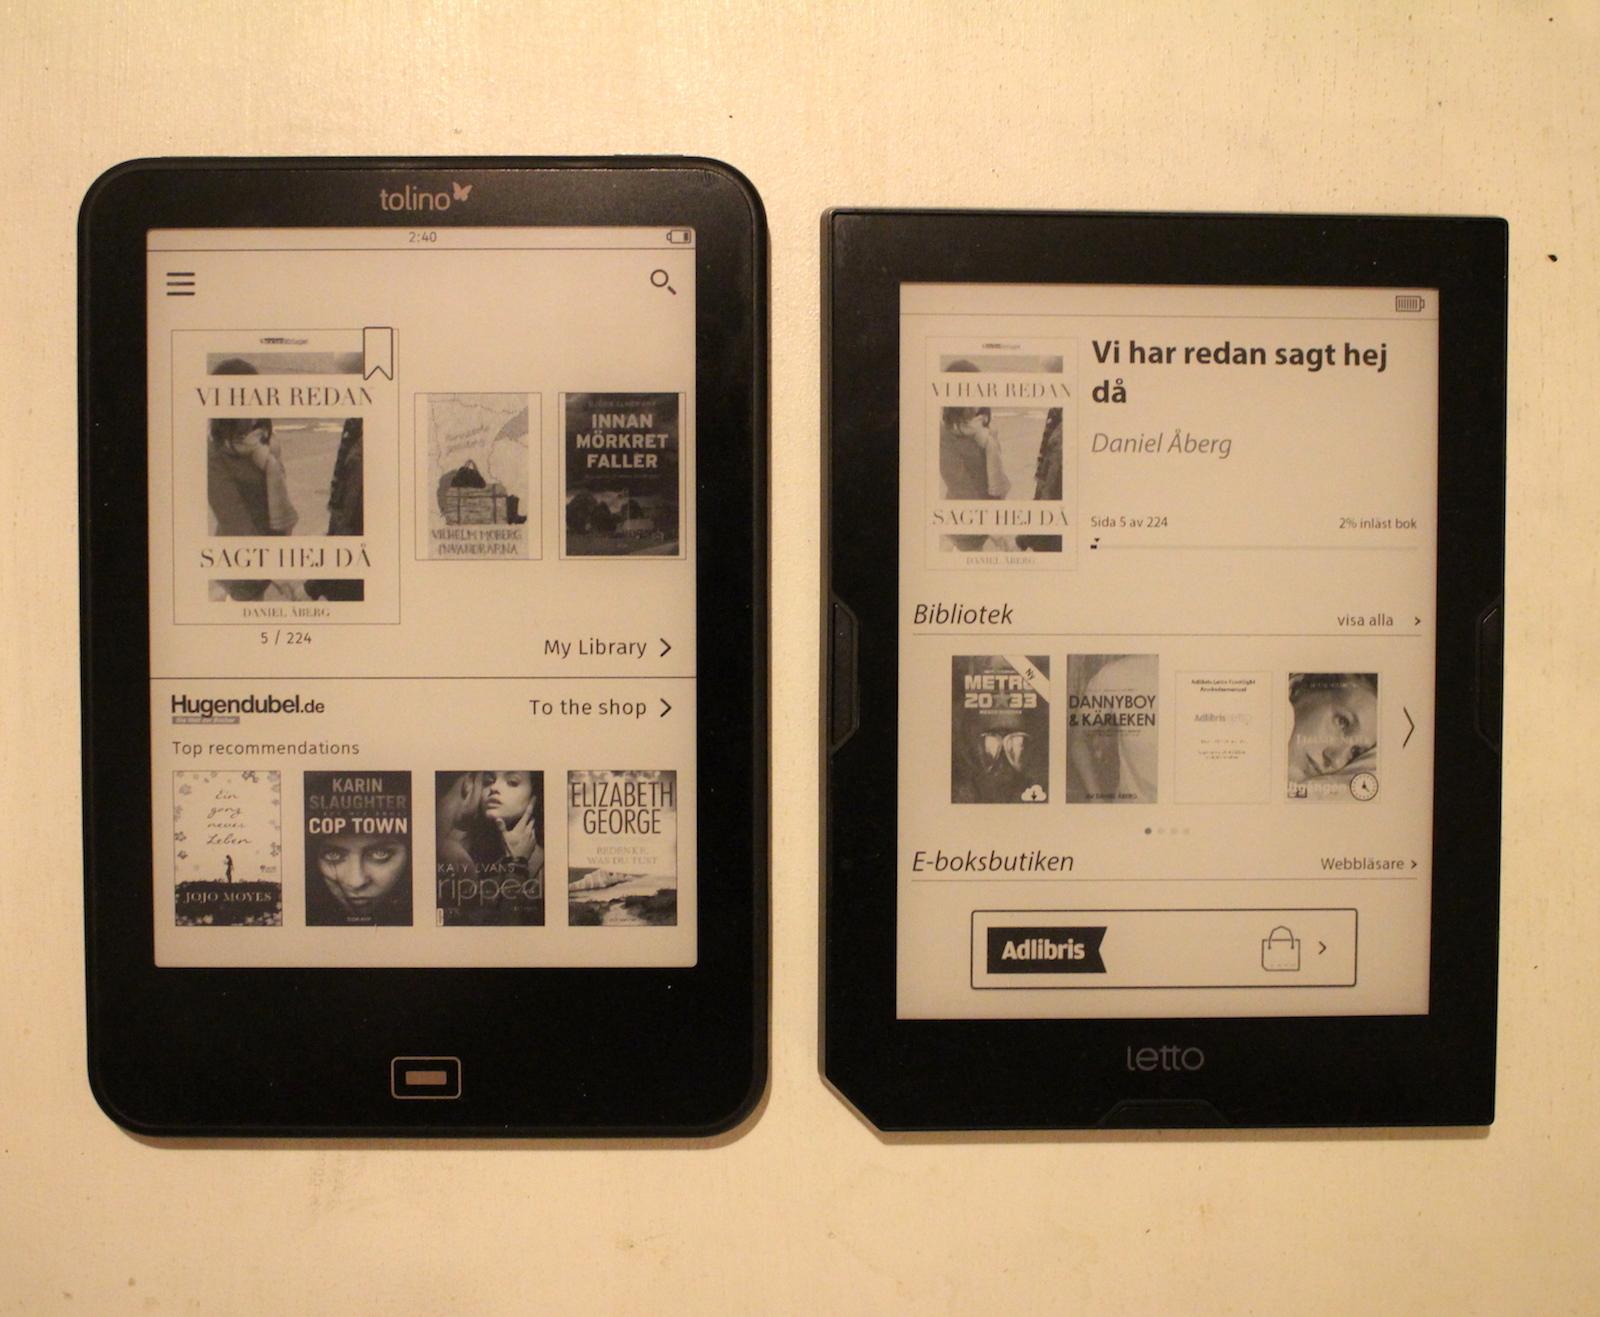 Startsidan för det egna e-boksbiblioteket i Tolino Vision 2 kontra Adlibris Letto Frontlight.